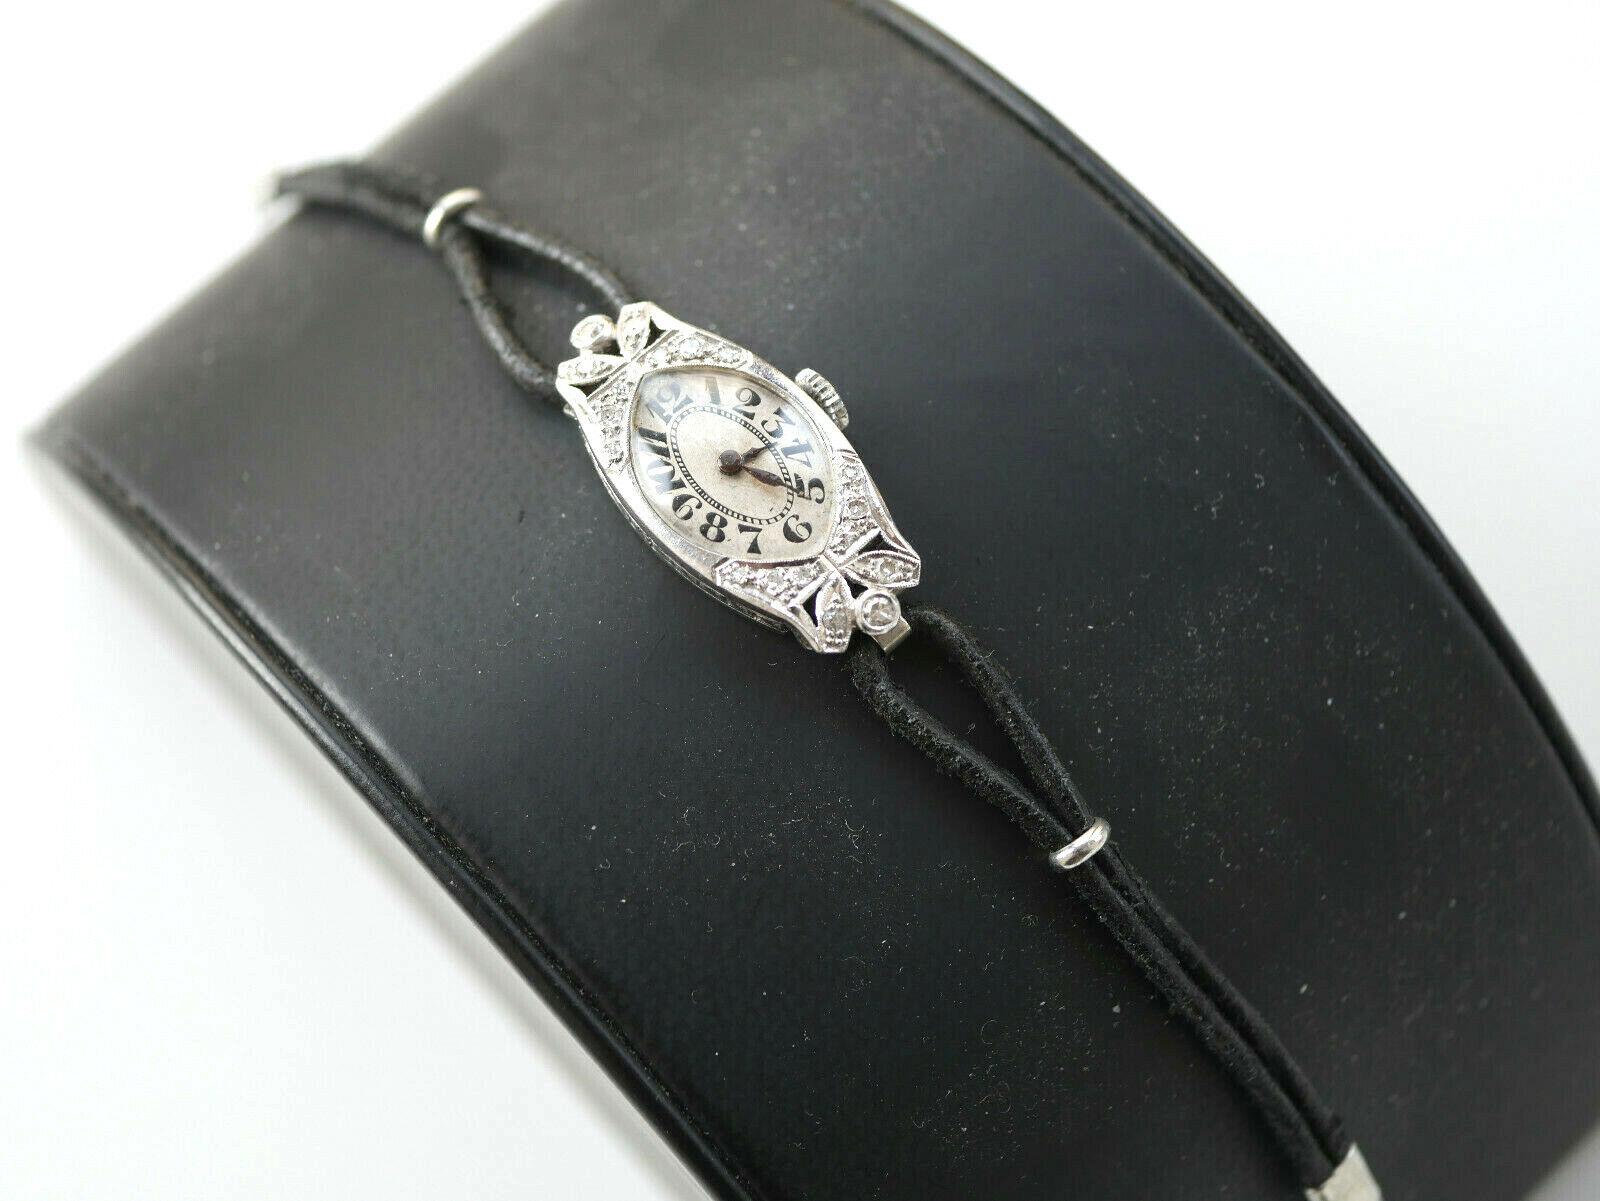 Art Deco Armbanduhr Gehäuse besetzt mit kl. Diamanten in Platin - Handaufzug